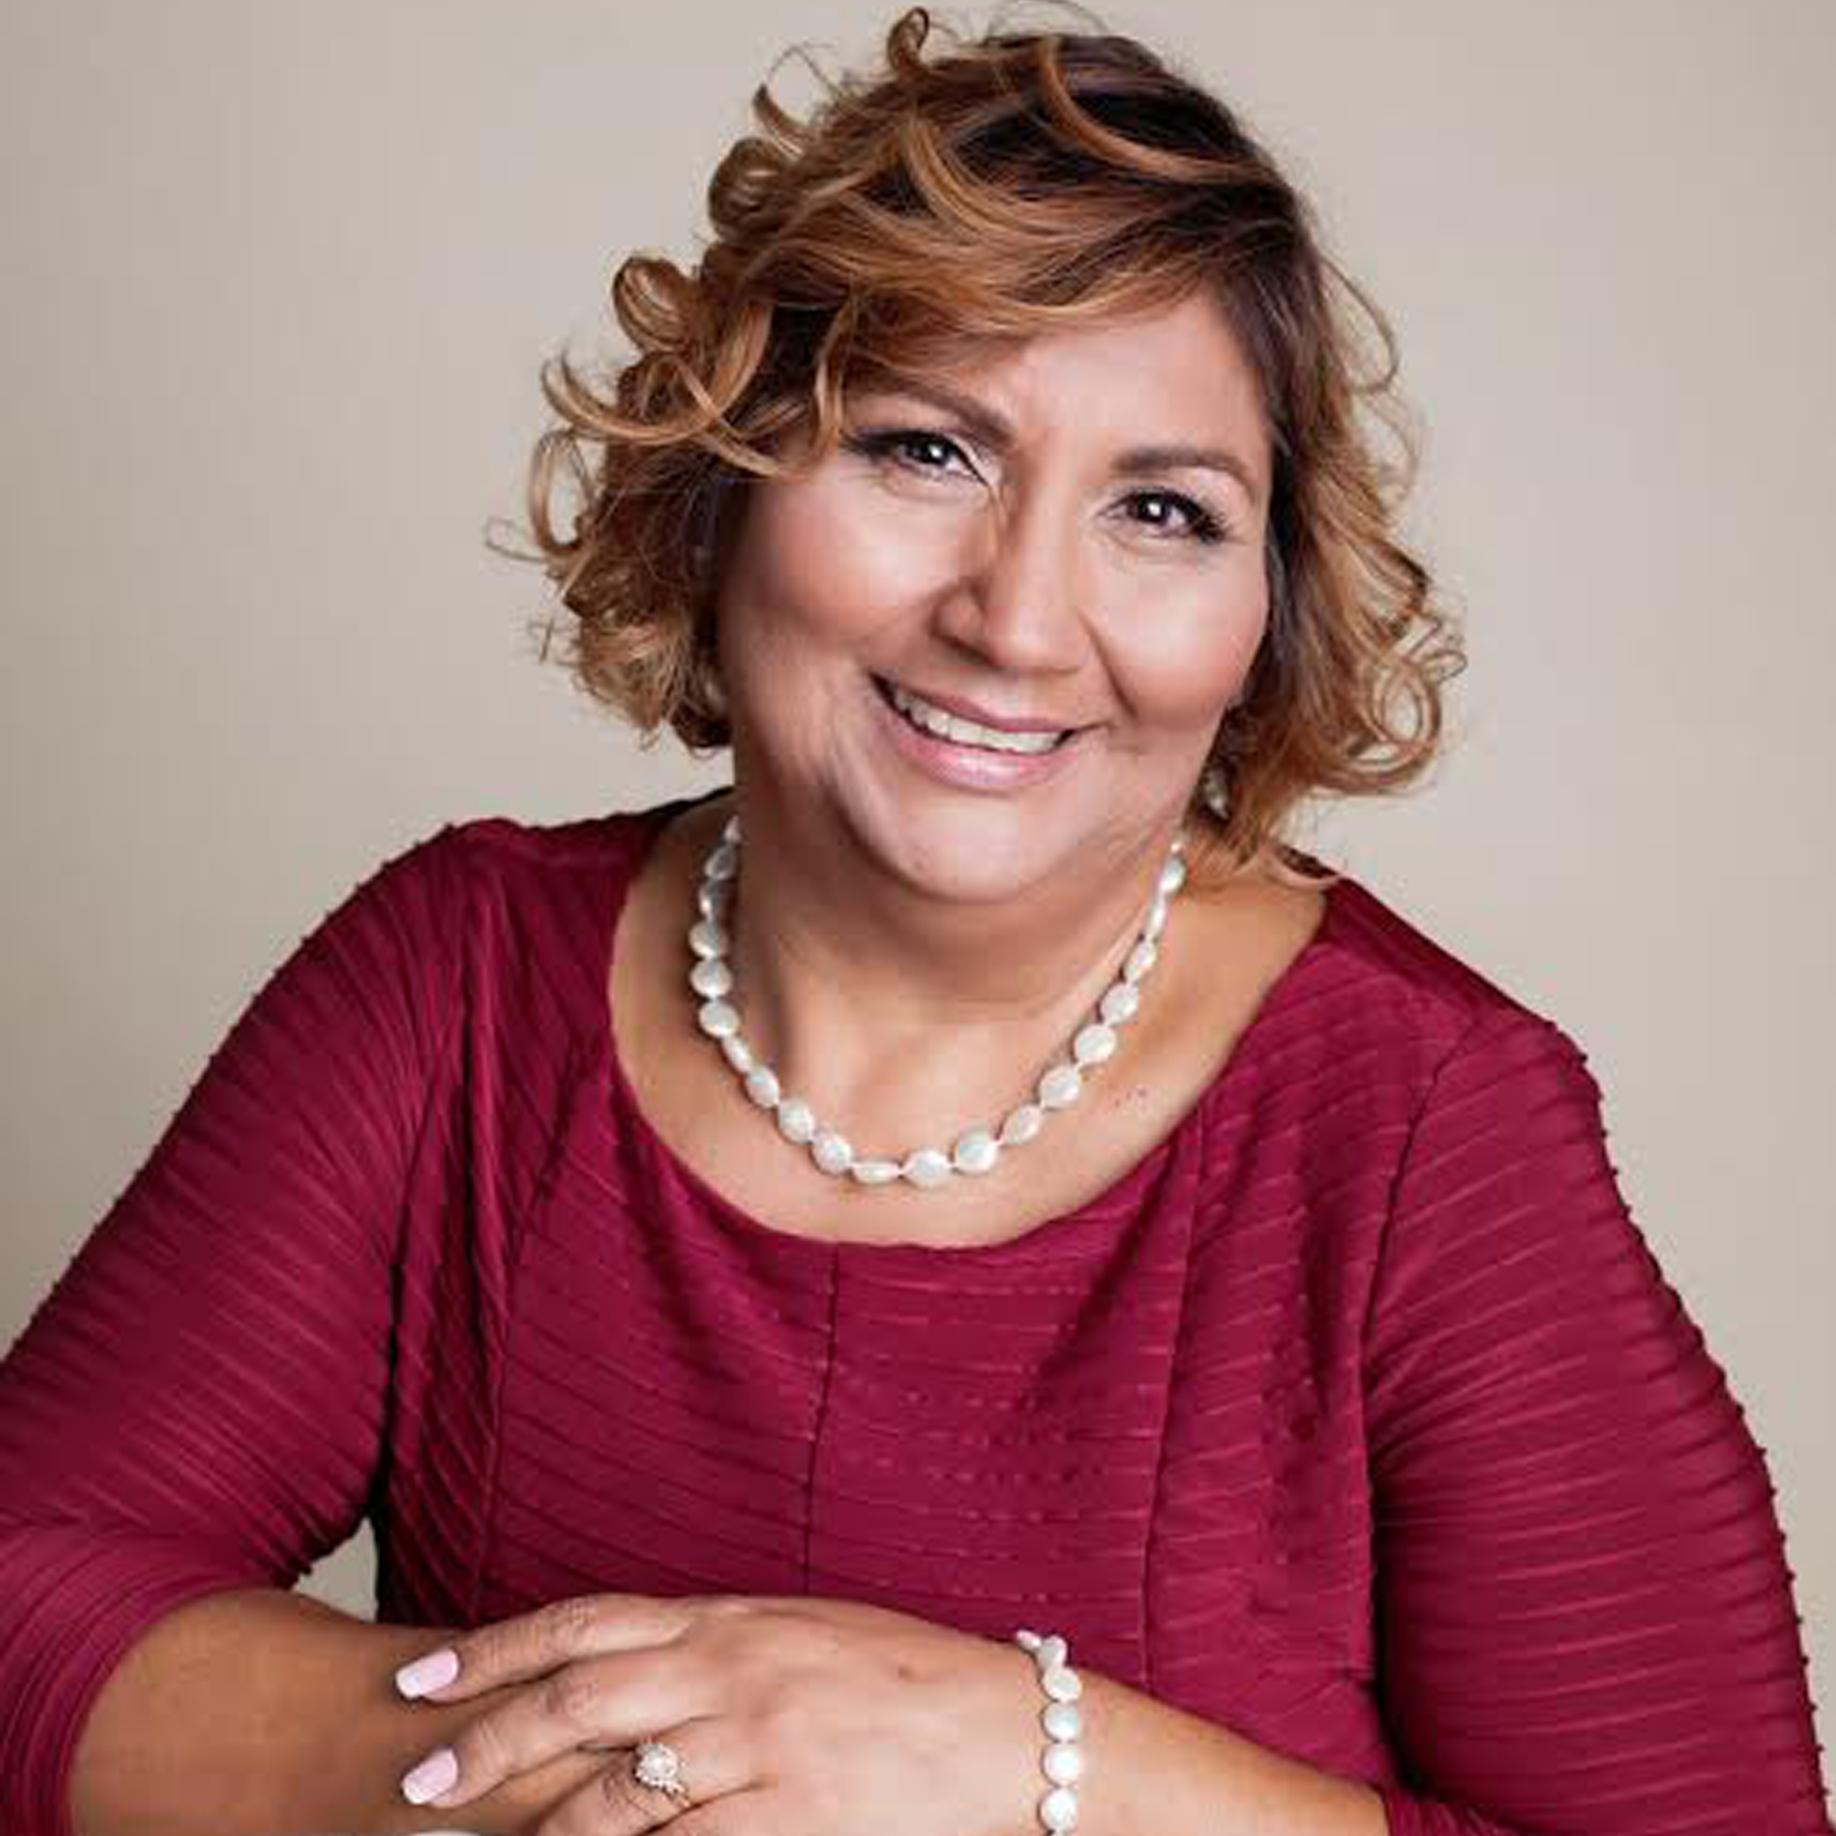 Silvia Hasak